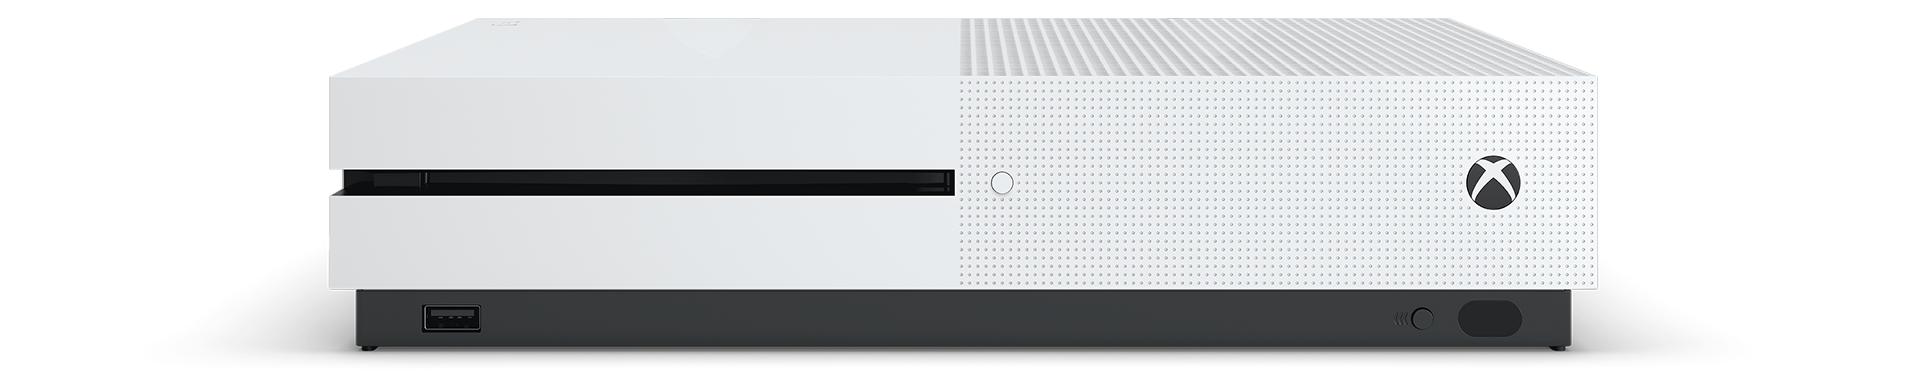 Xbox One S Design